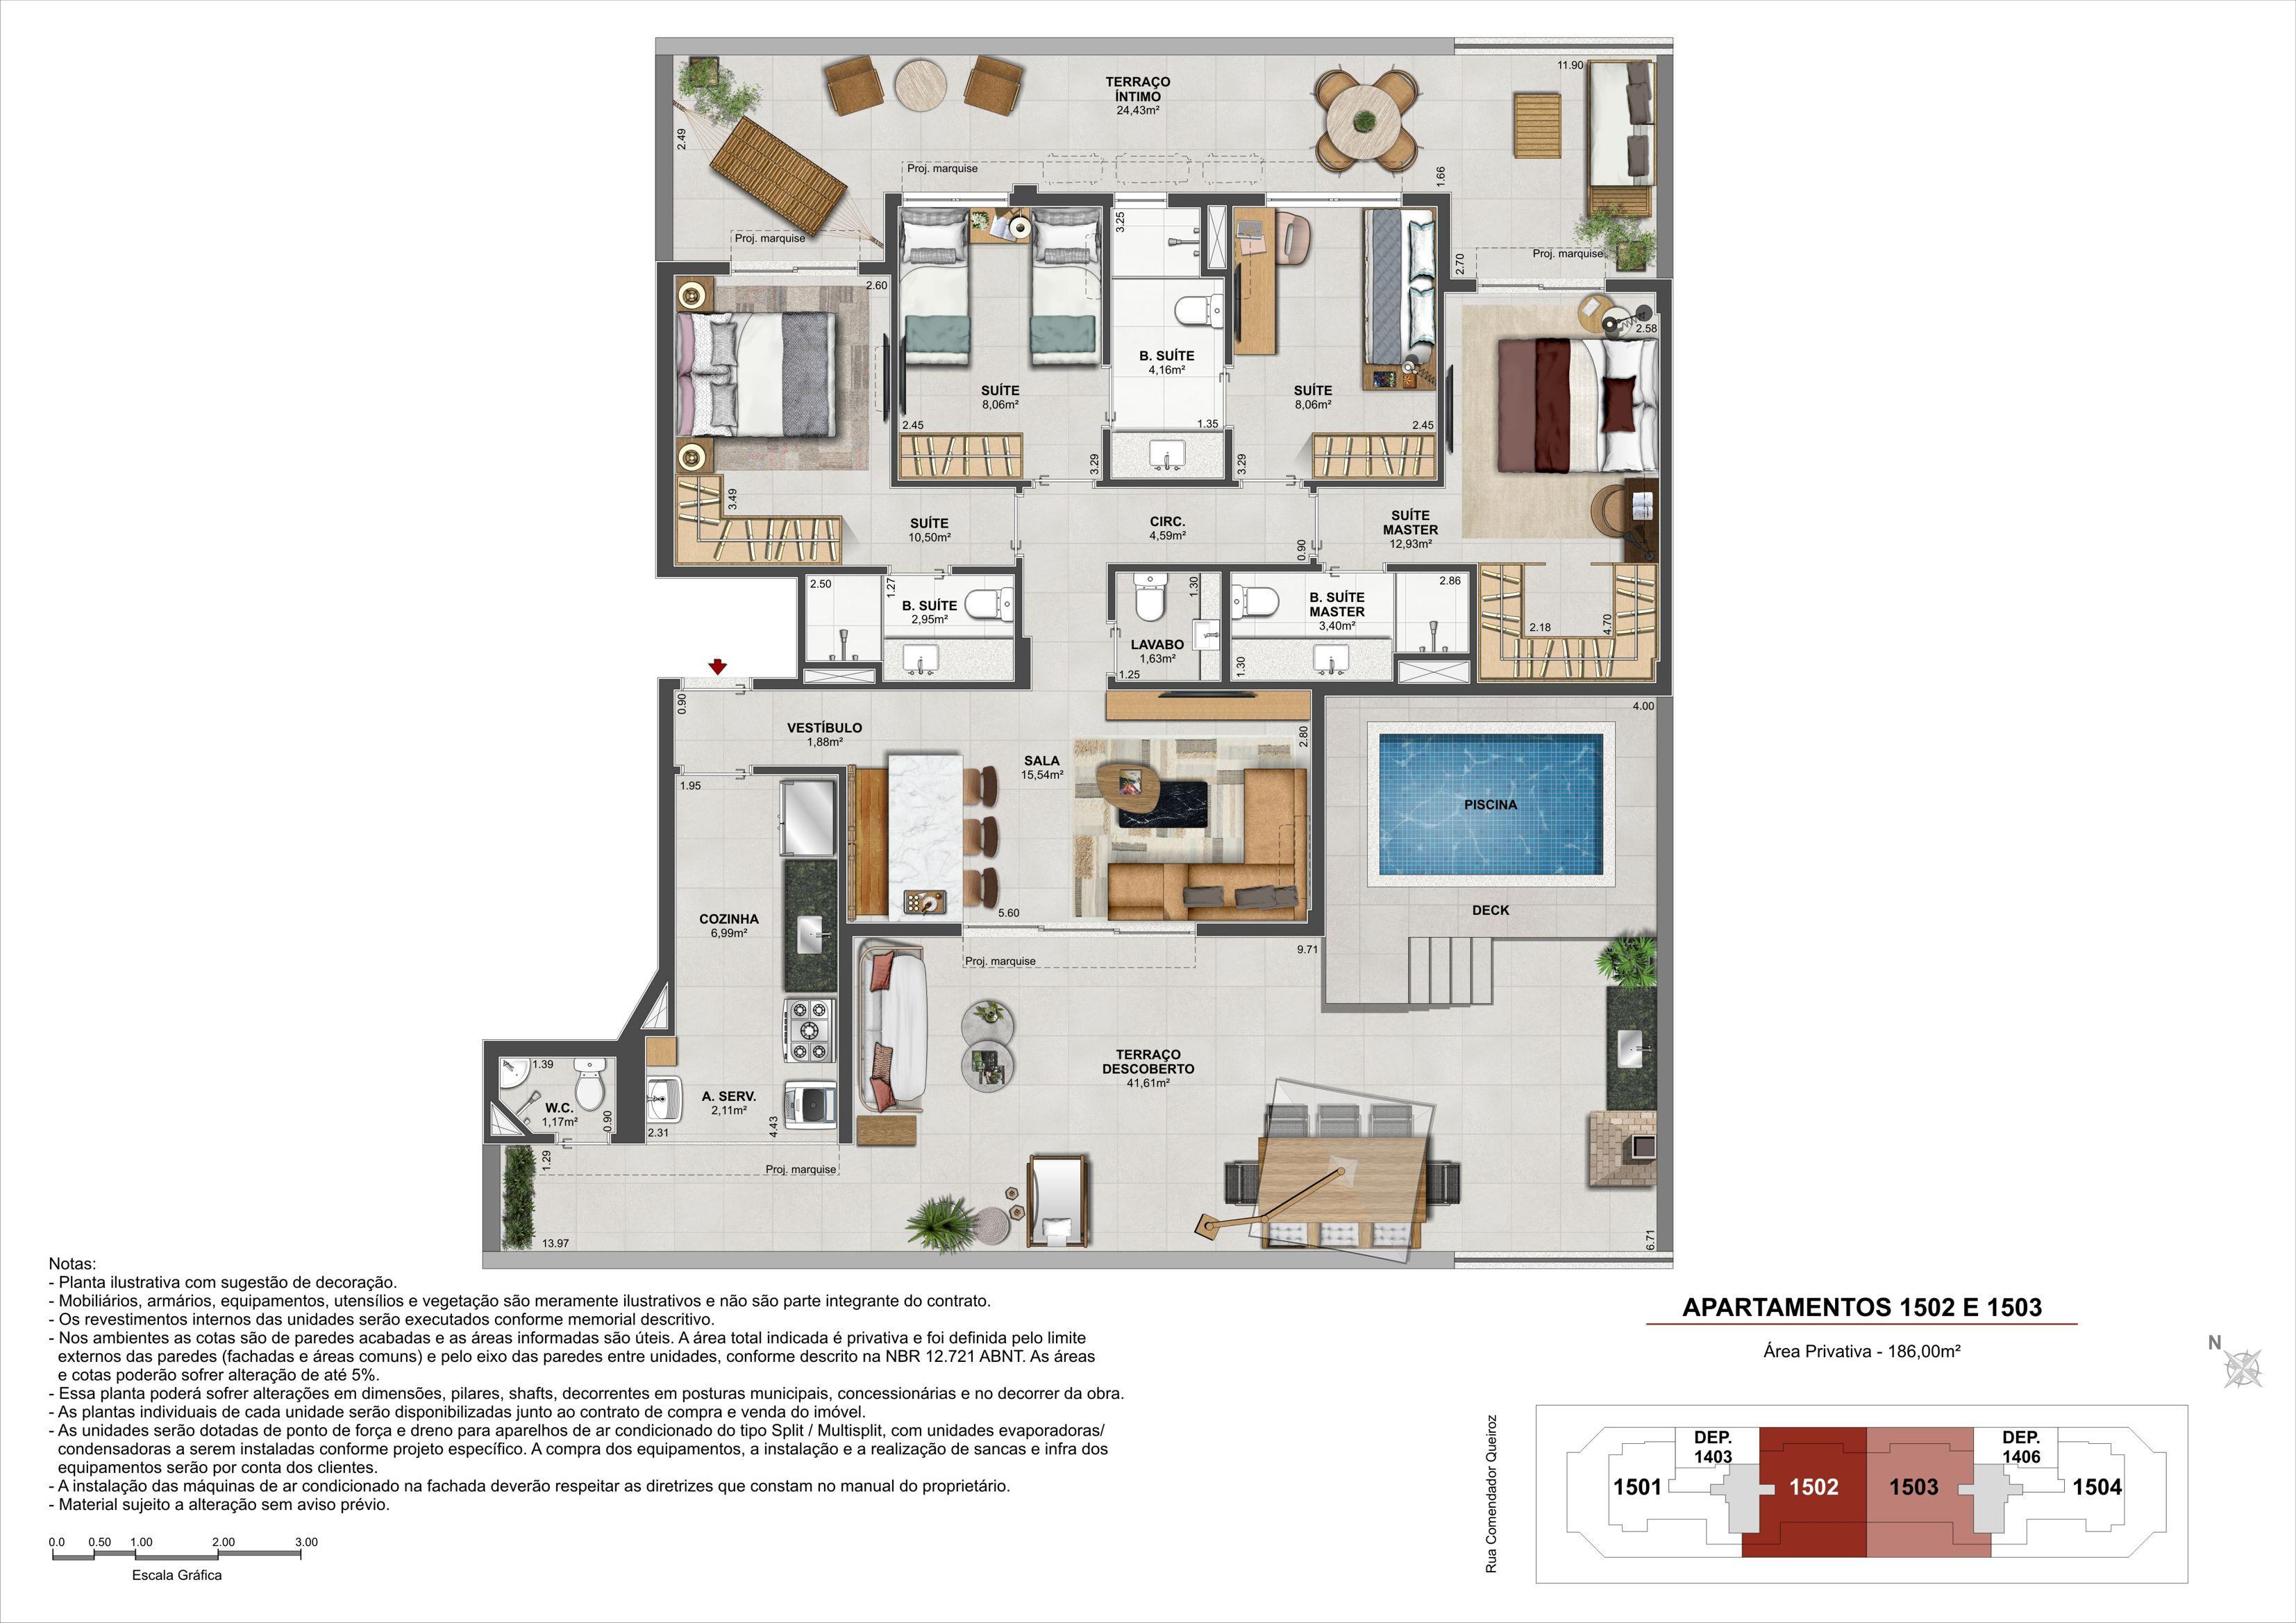 Penthouse - Área Privativa: 214,96 m²